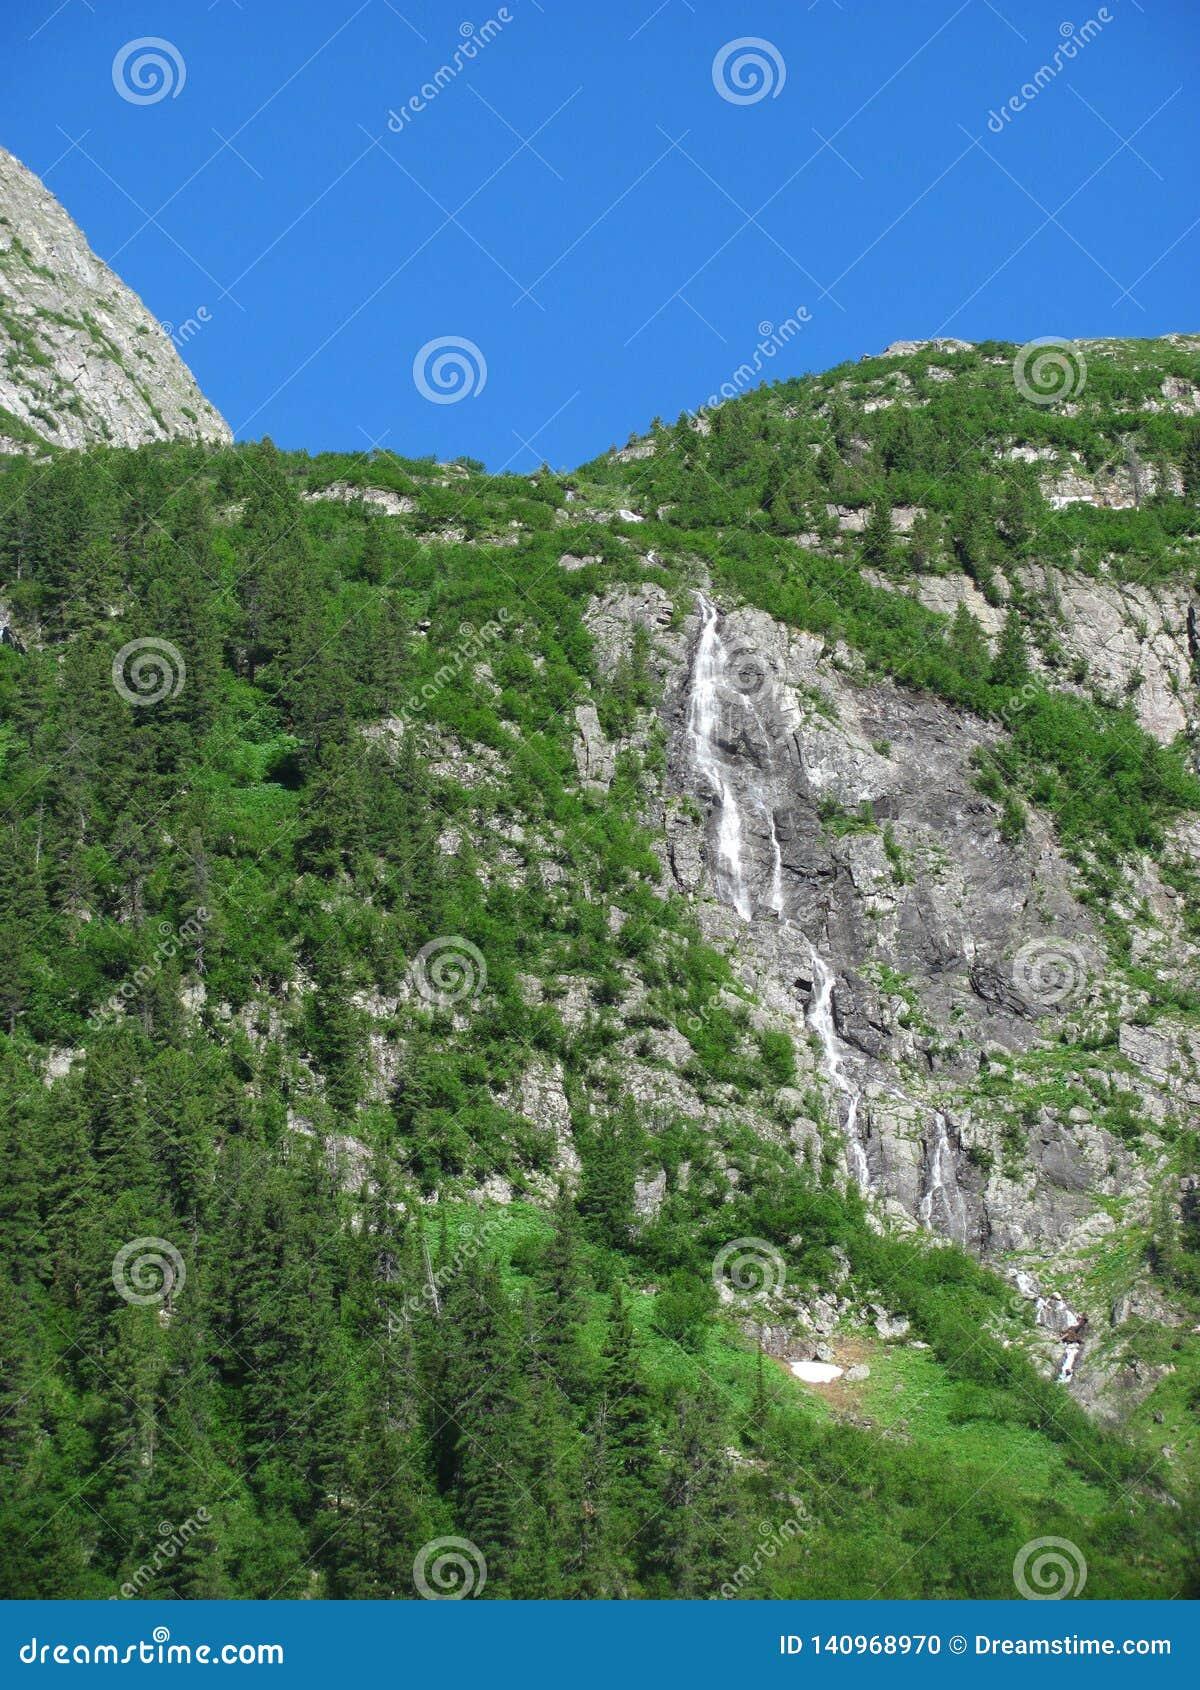 Водопад окруженный зеленым лесом